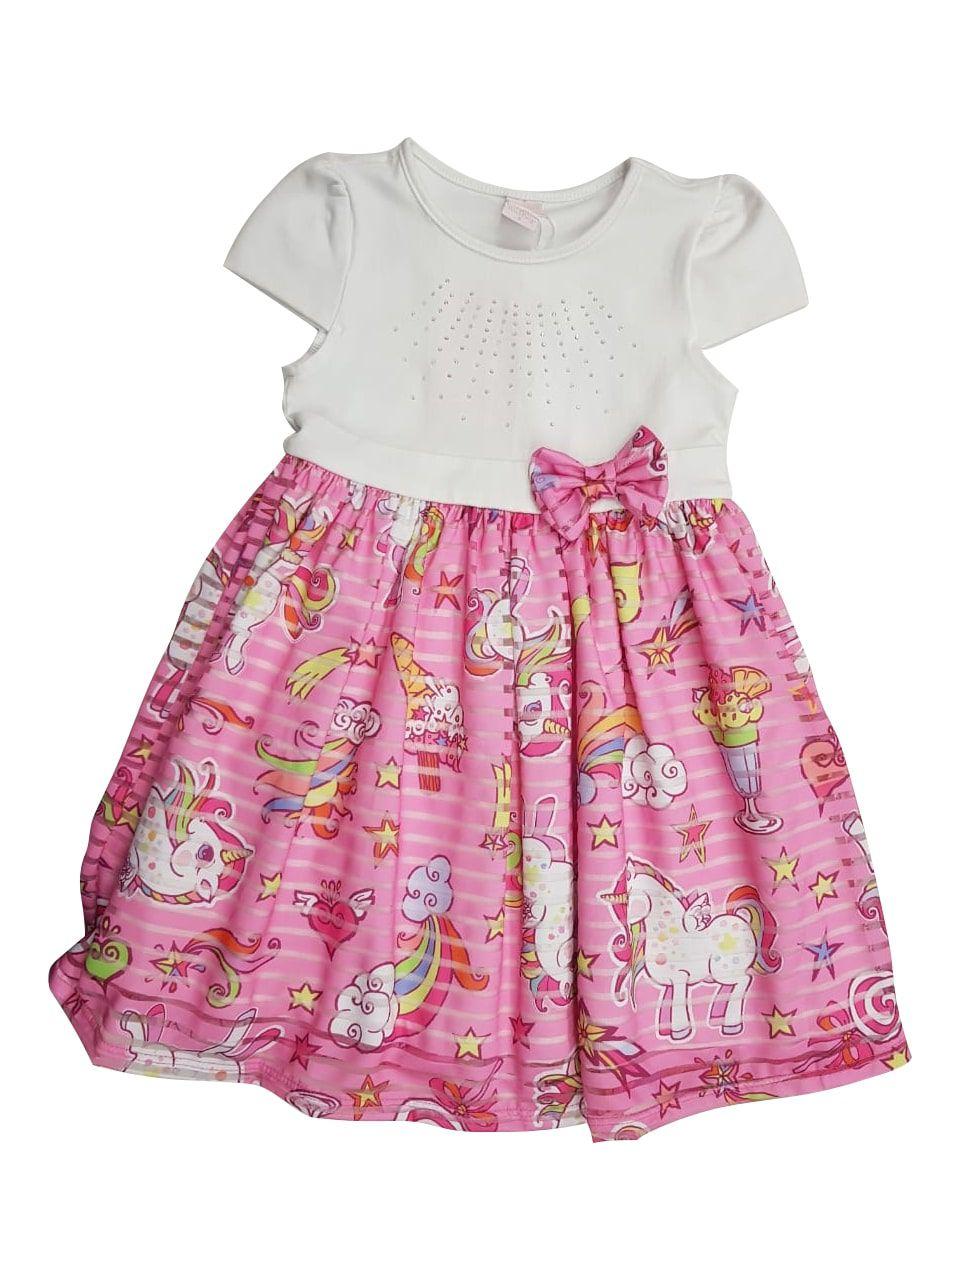 Vestido Infantil de Verão com Estampa de Unicórnio Myra Mahy